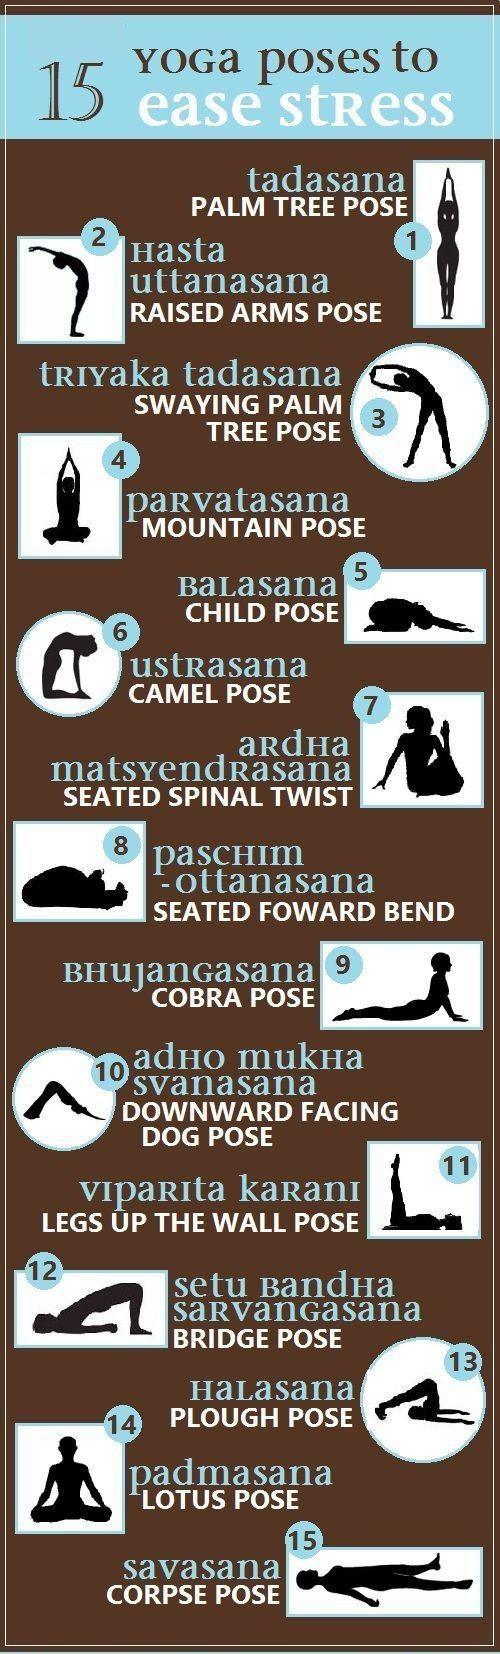 # 15 Yoga Poses to Reduced Stress # http://aoteayoga.com/: